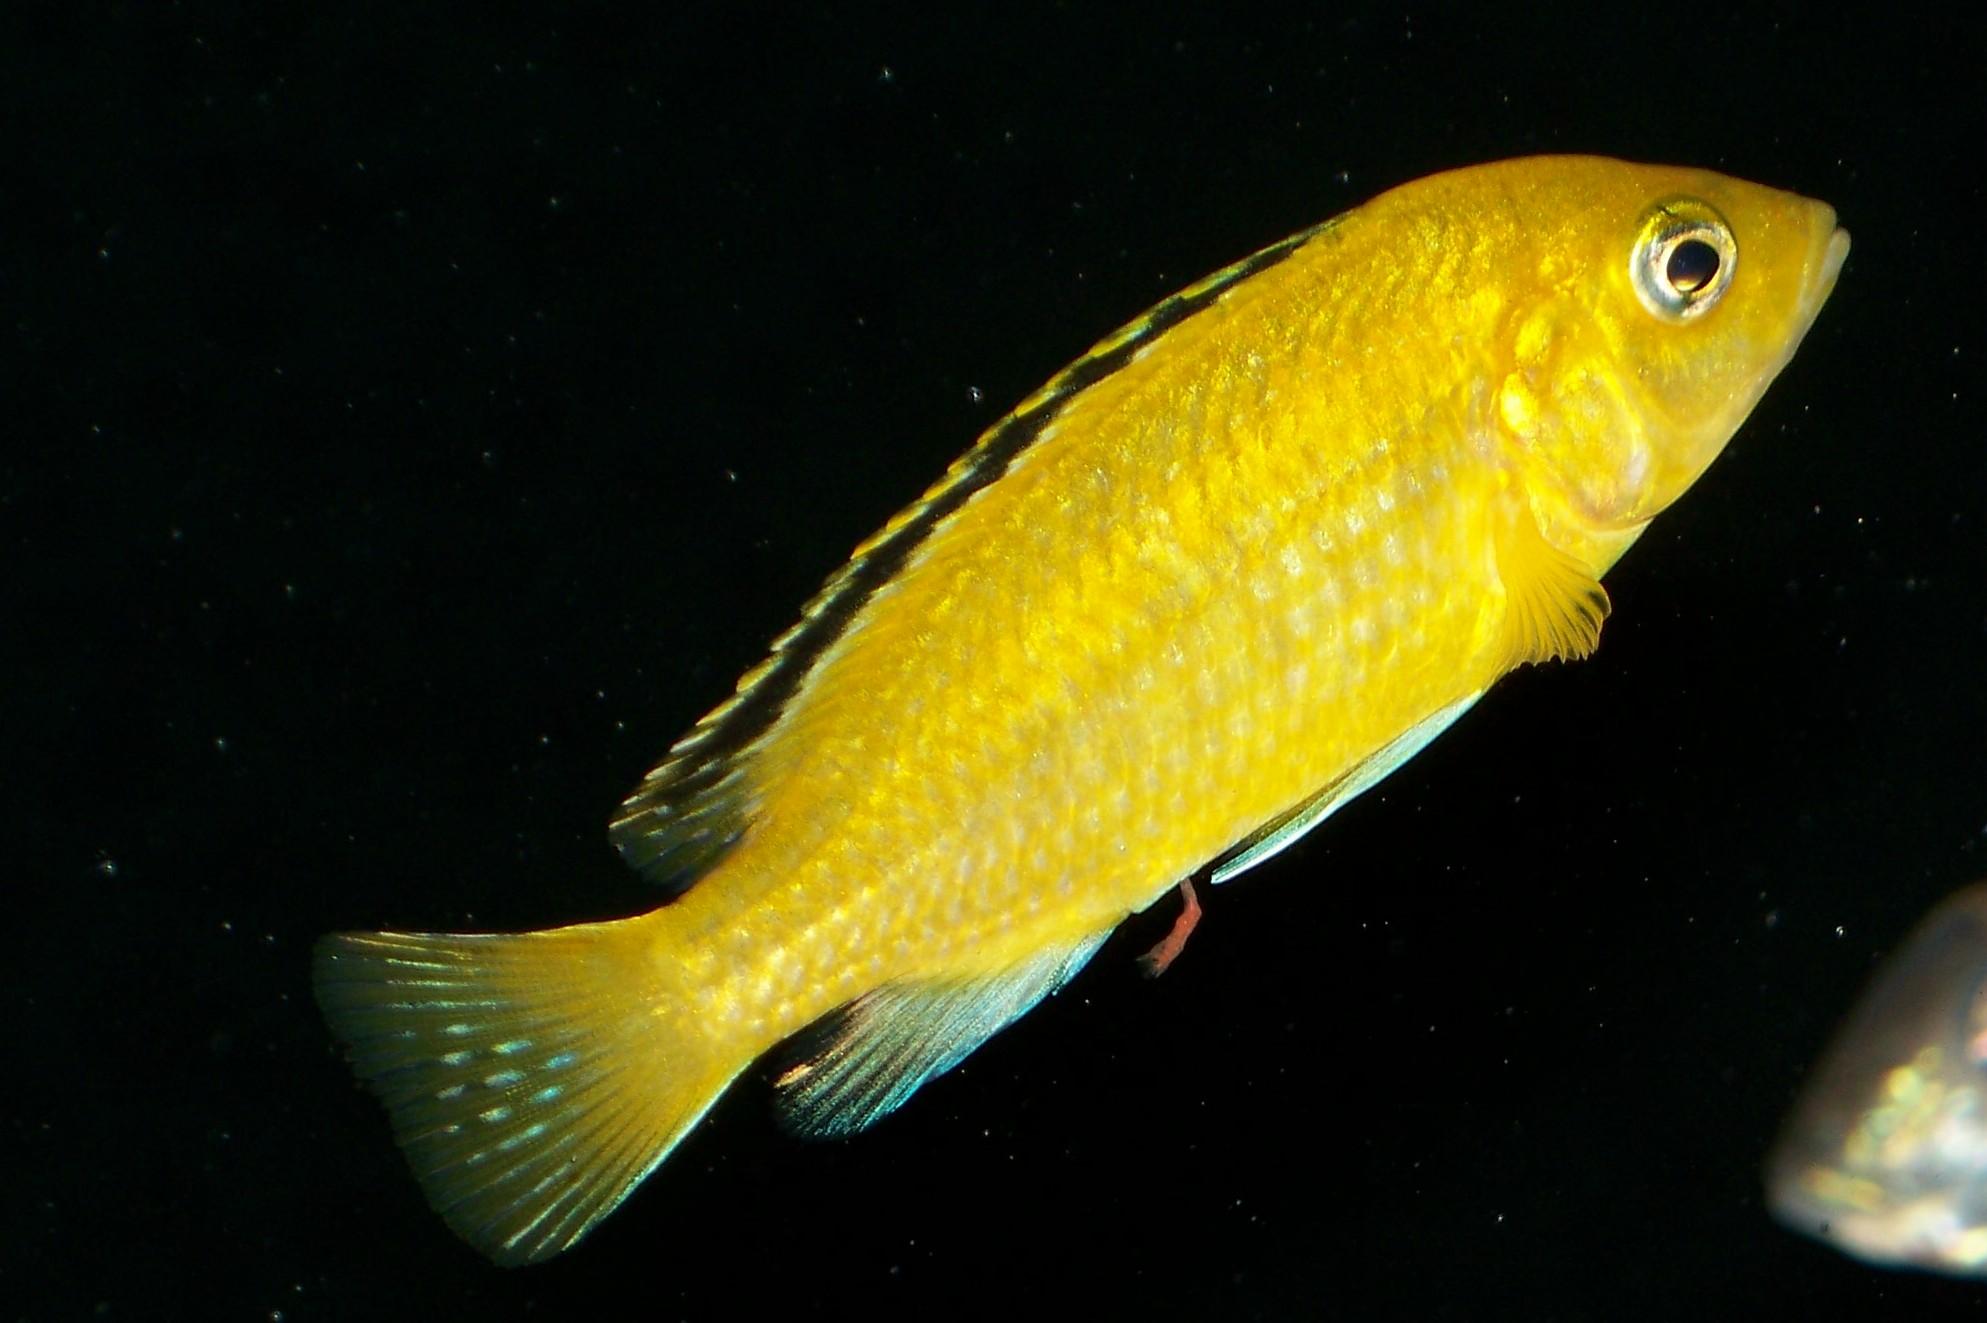 cichlids.com: F1 labidochromis caeruleus Lions cove female  cichlids.com: F...